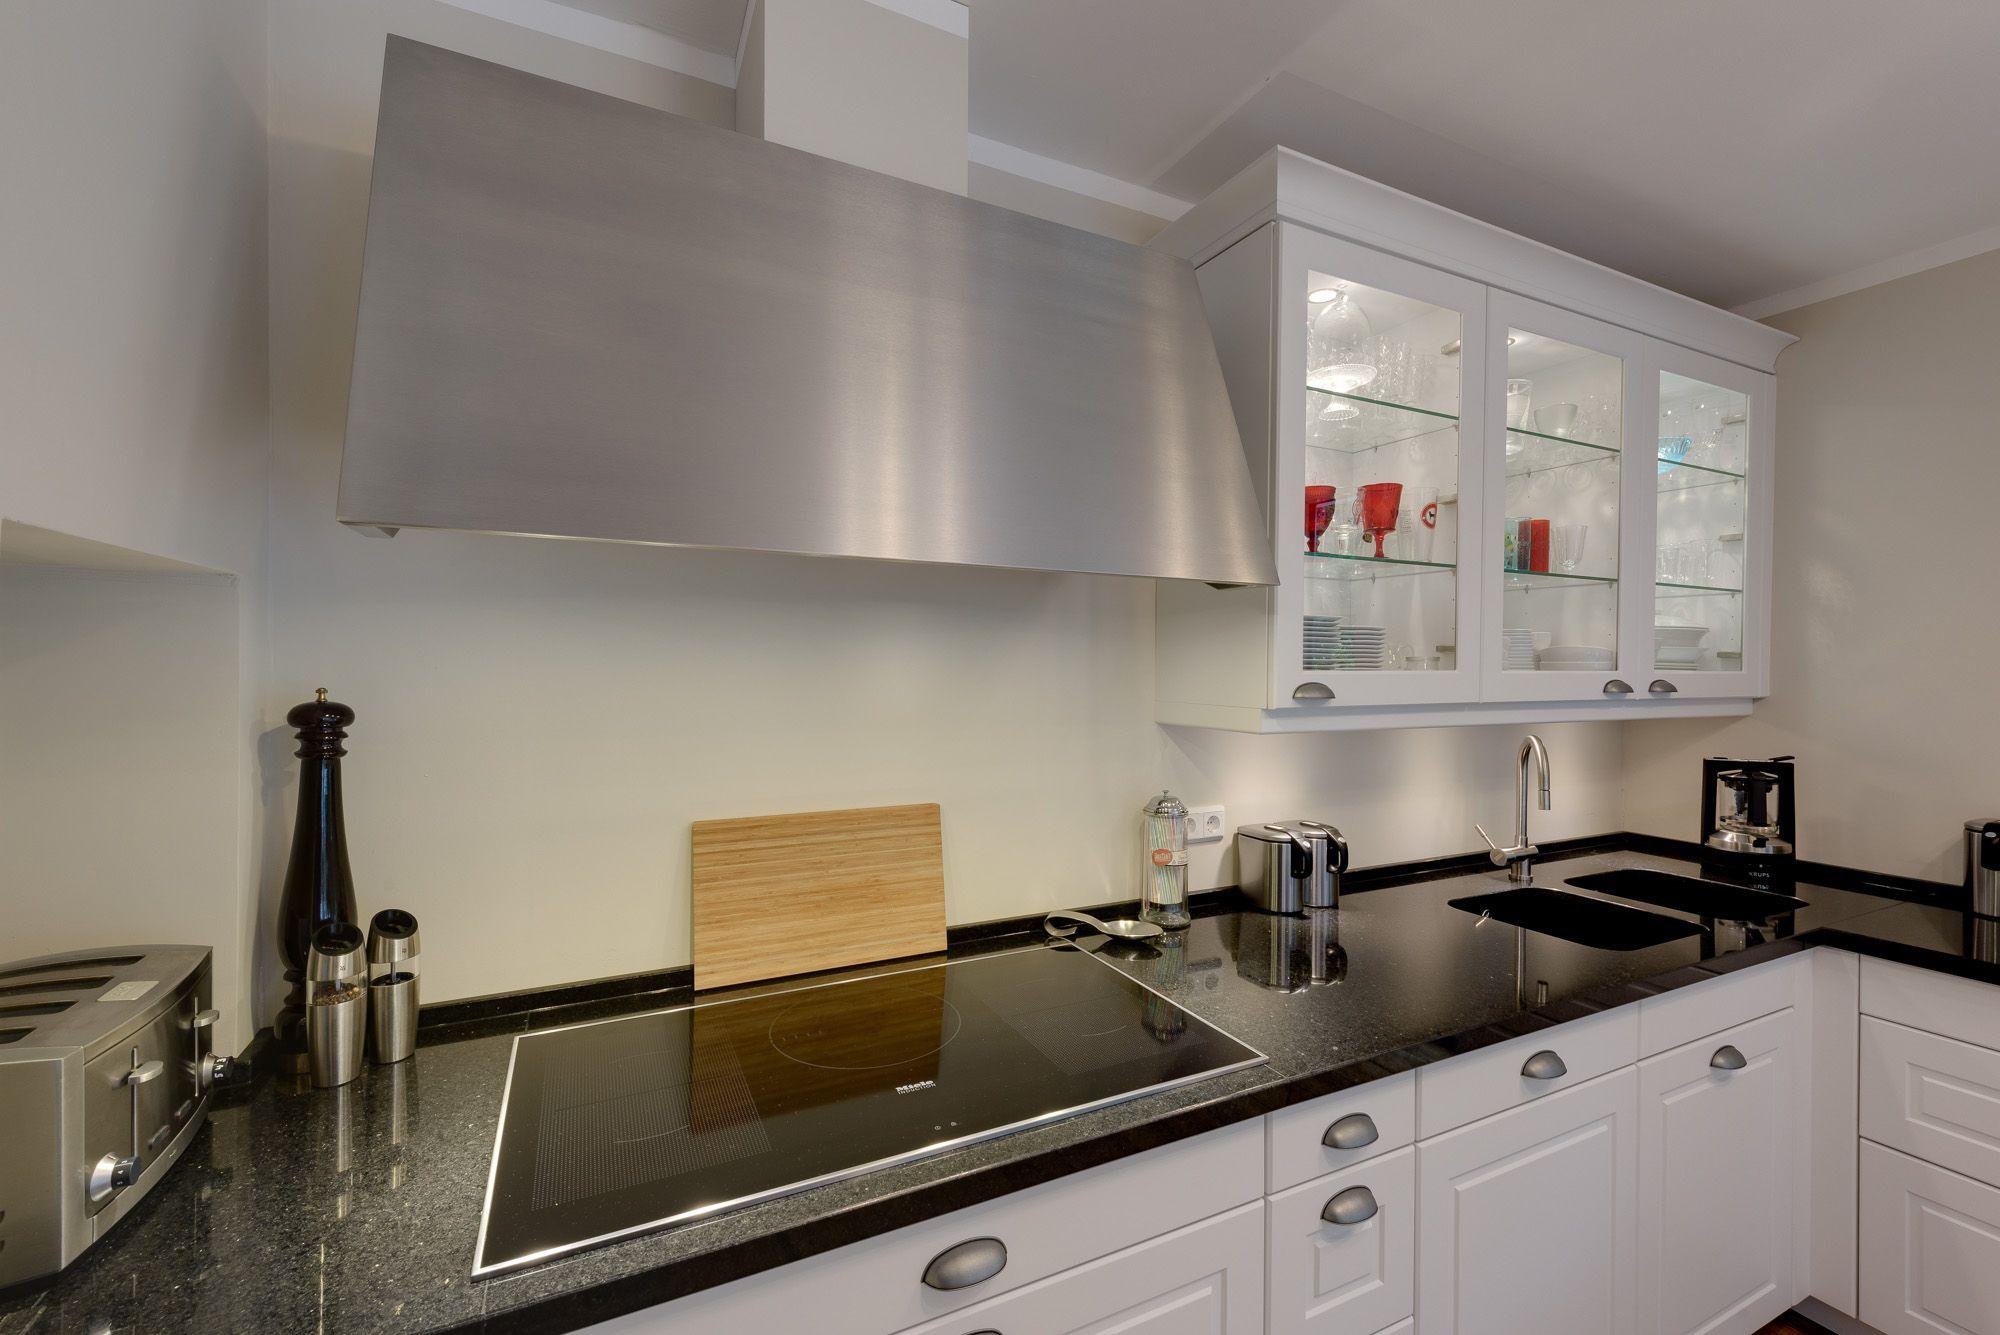 Kochbereich In Weisser Landhauskuche Mit Geraumiger Dunstabzugshaube